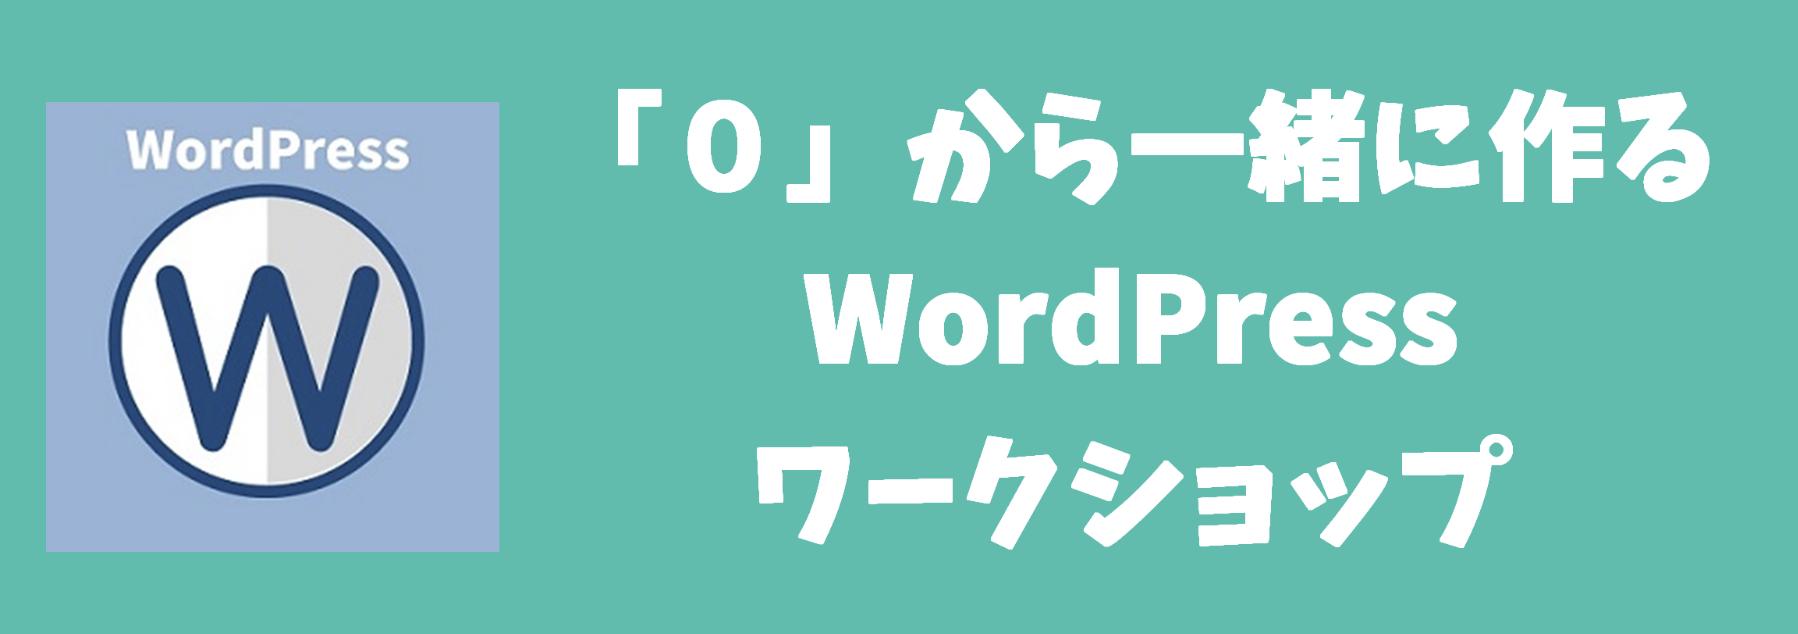 0から一緒に作るwordpressワークショップ